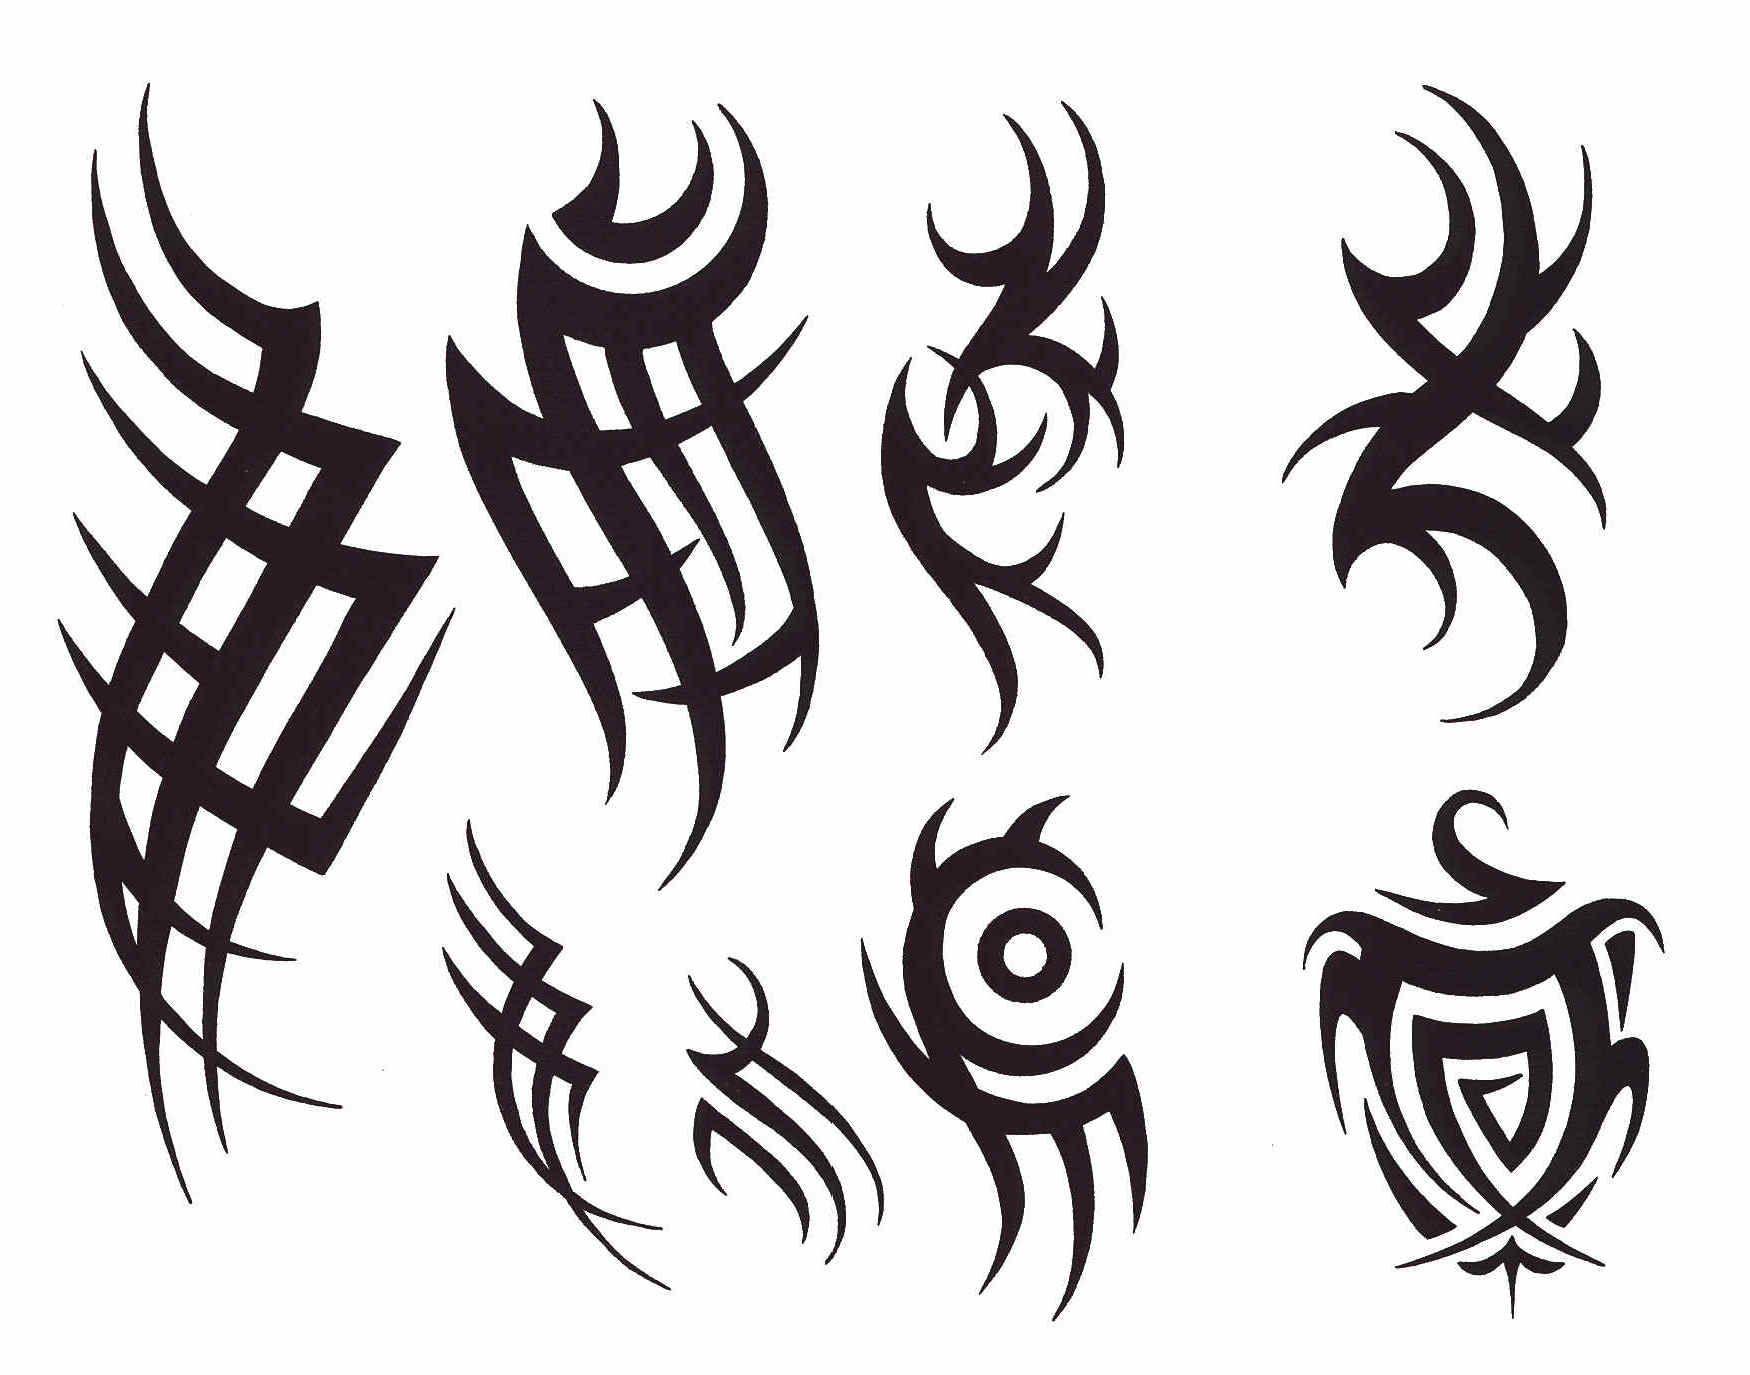 Tattoo Designs For Men On Paper Gotten Elegant Tribal